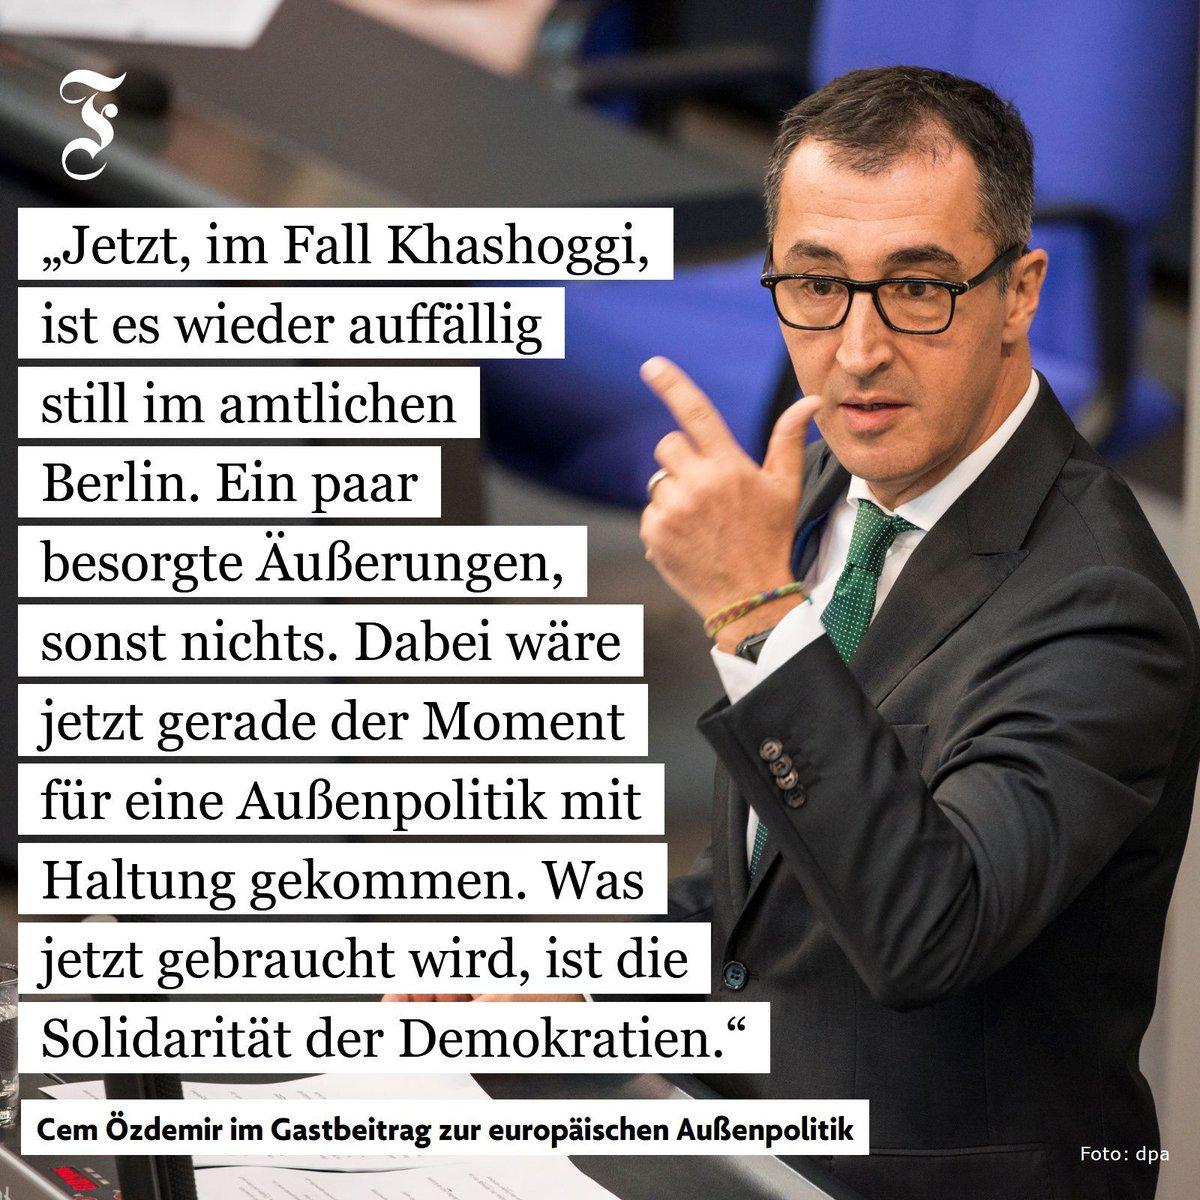 .@cem_oezdemir erklärt im Gastbeitrag, warum es gerade jetzt eine deutsche Außenpolitik mit Haltung braucht:  https://t.co/UWLtOqS5VN